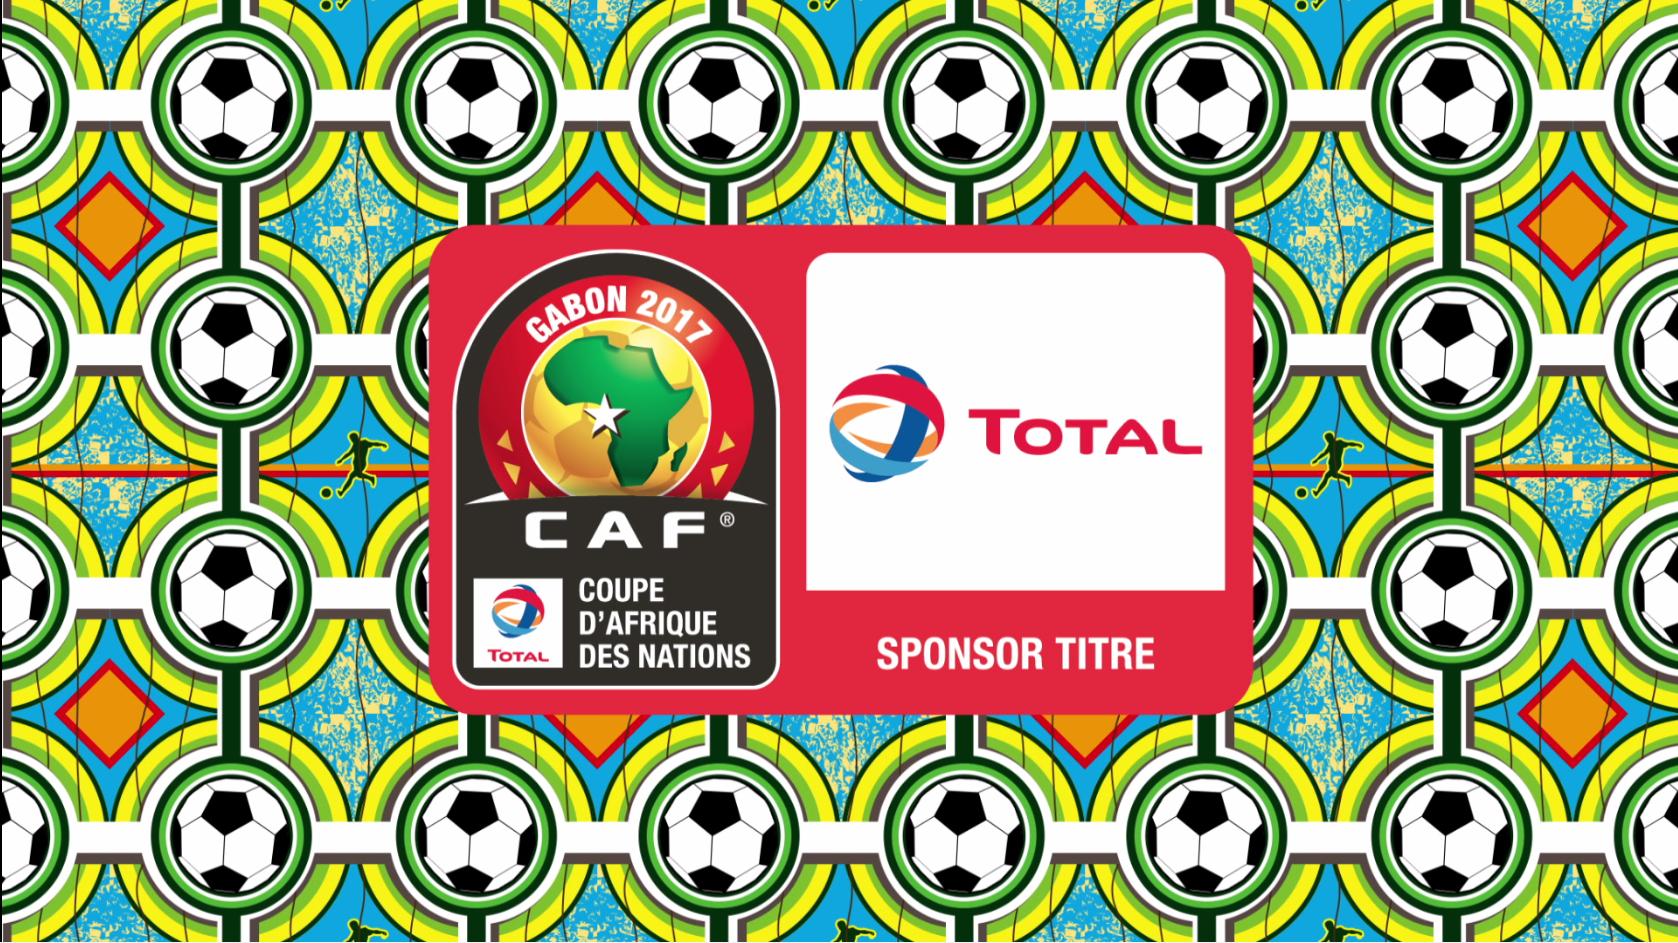 Comment total active son partenariat durant la coupe d 39 afrique des nations 2017 - Programme de la coupe d afrique ...